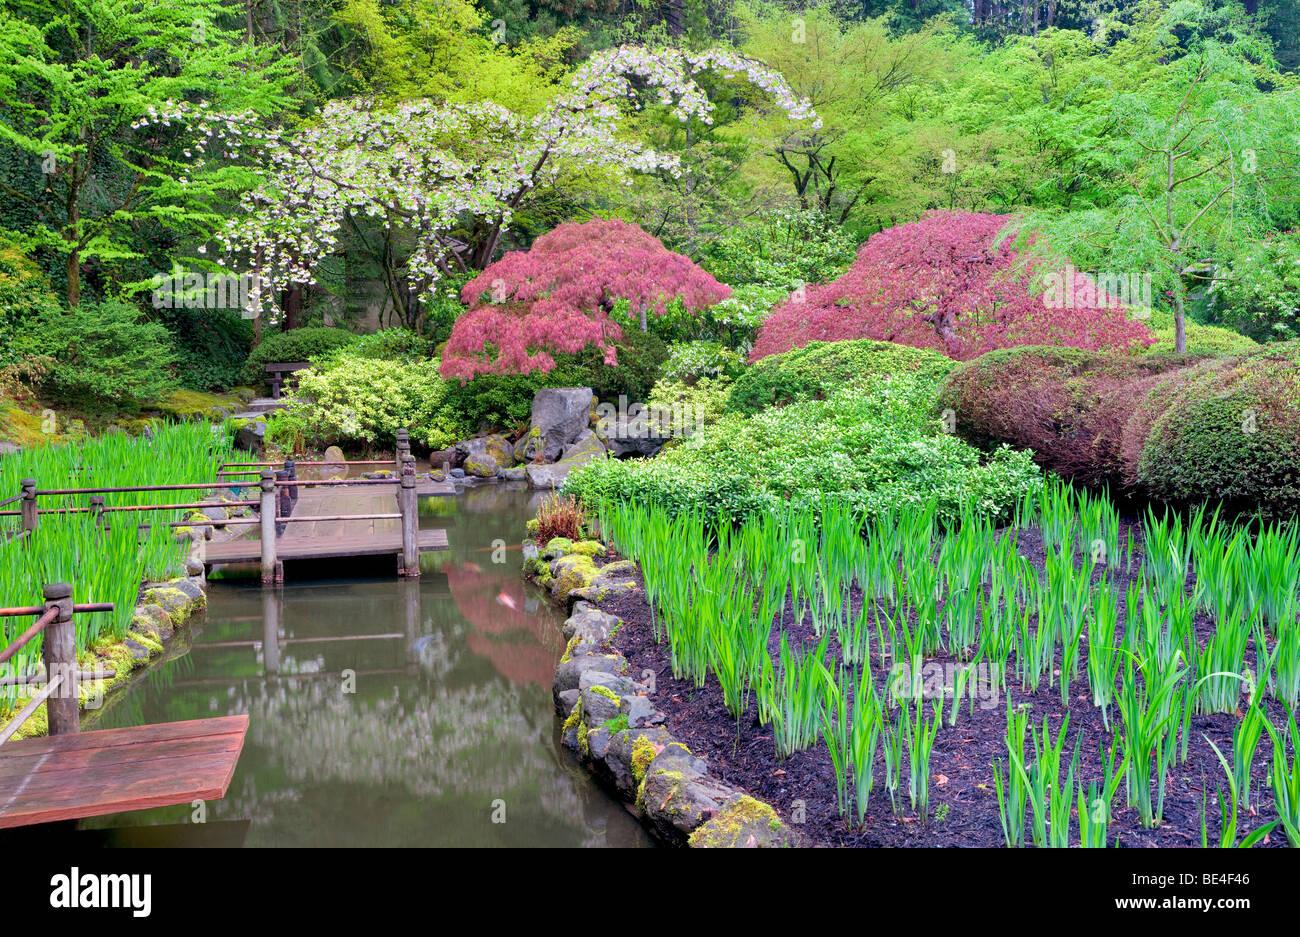 Estanque koi y cerezos jardines japoneses de portland for Estanques japoneses jardin